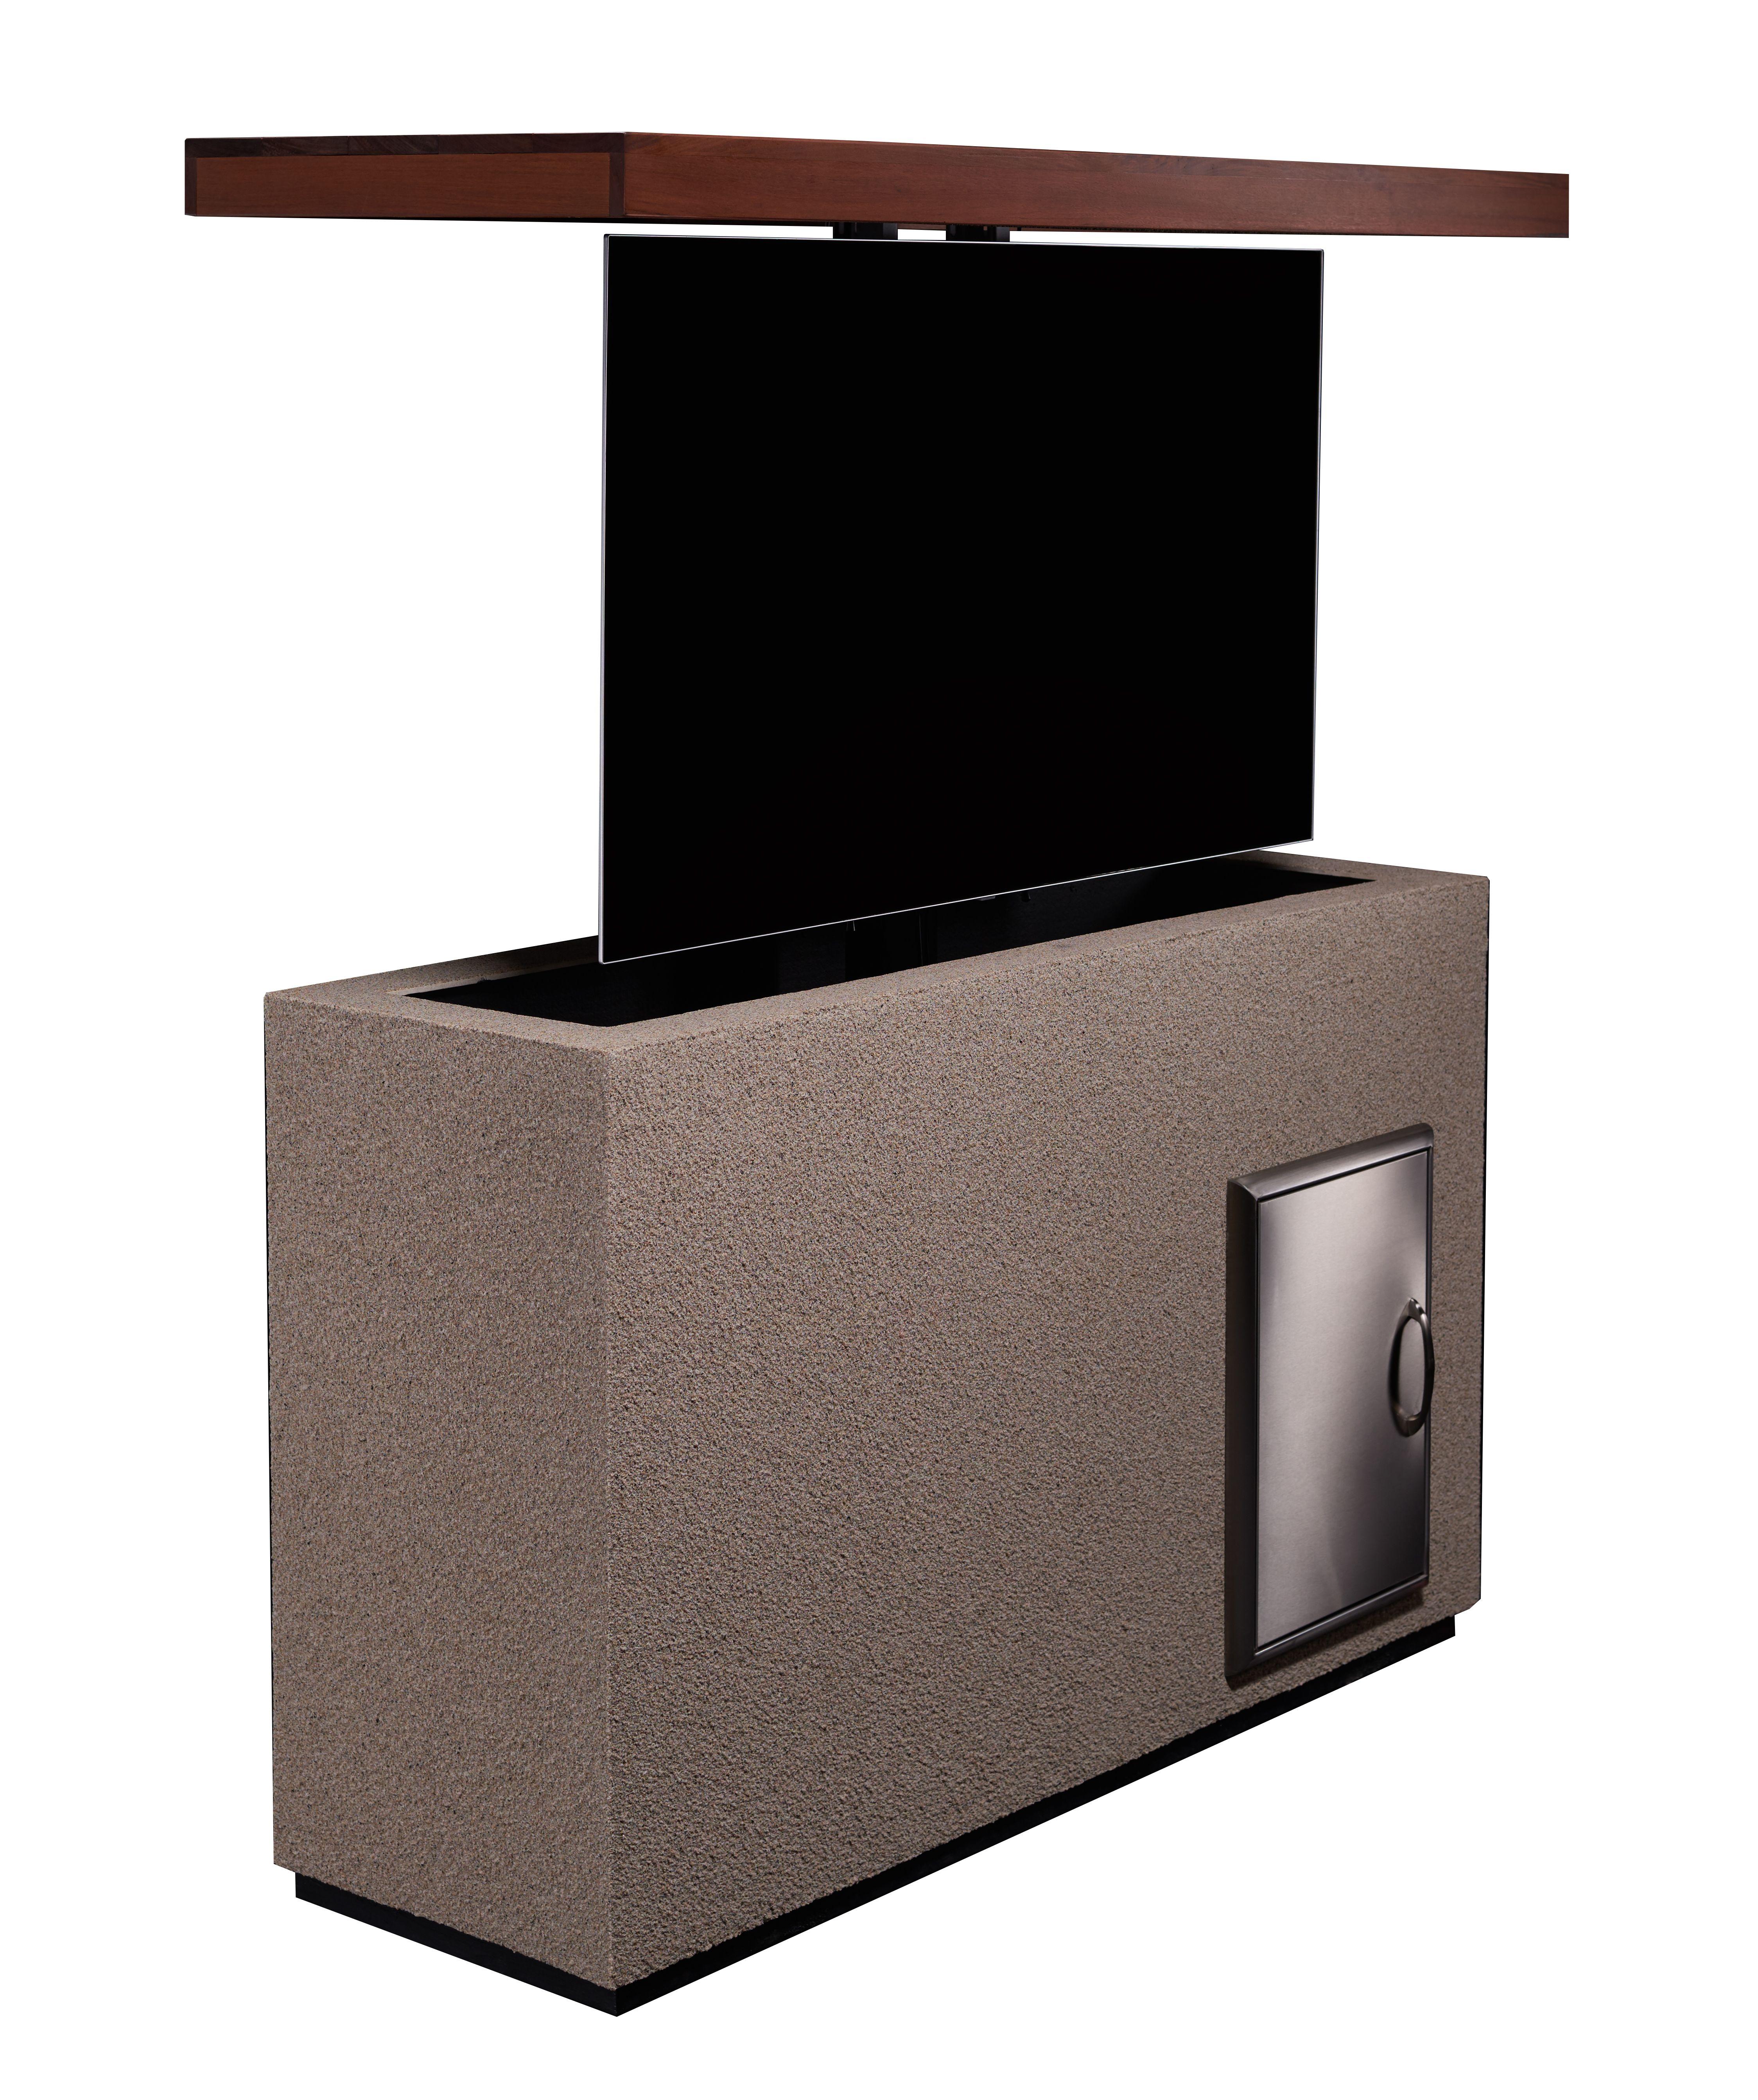 Outdoor TV furniture | Diy outdoor furniture, Outdoor tv ...